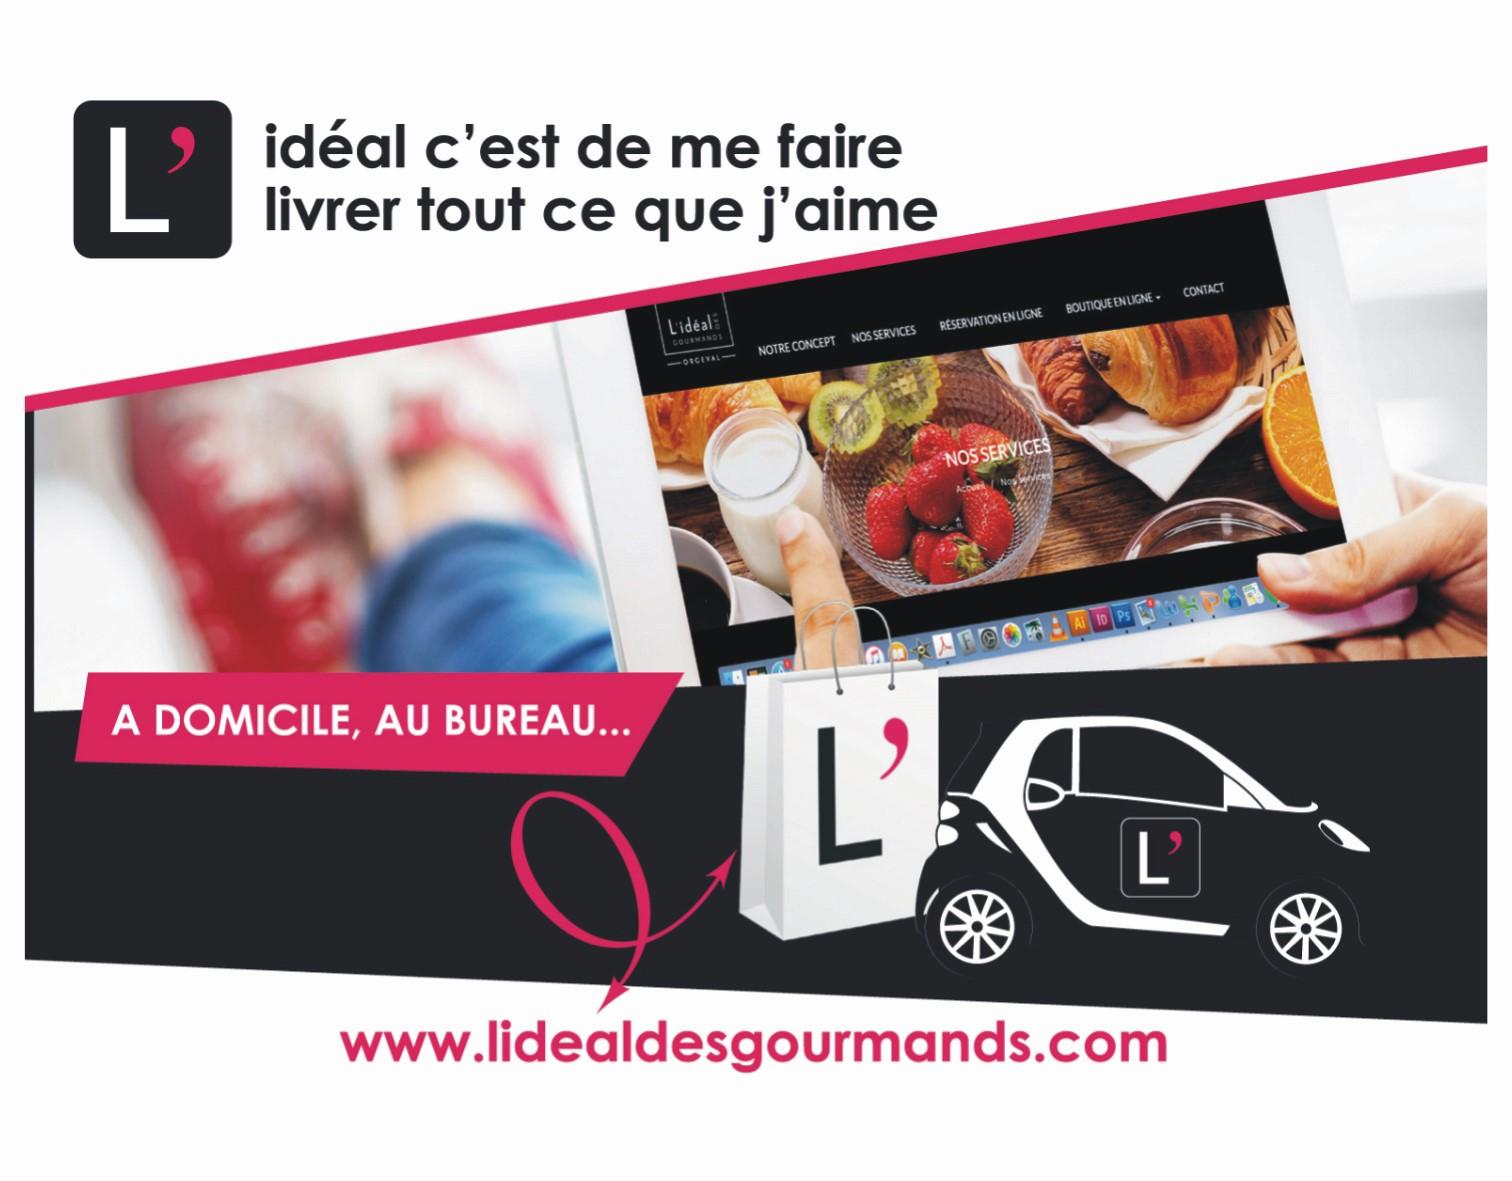 IDEAL_DES_GOURMANDS_2-2019.jpg